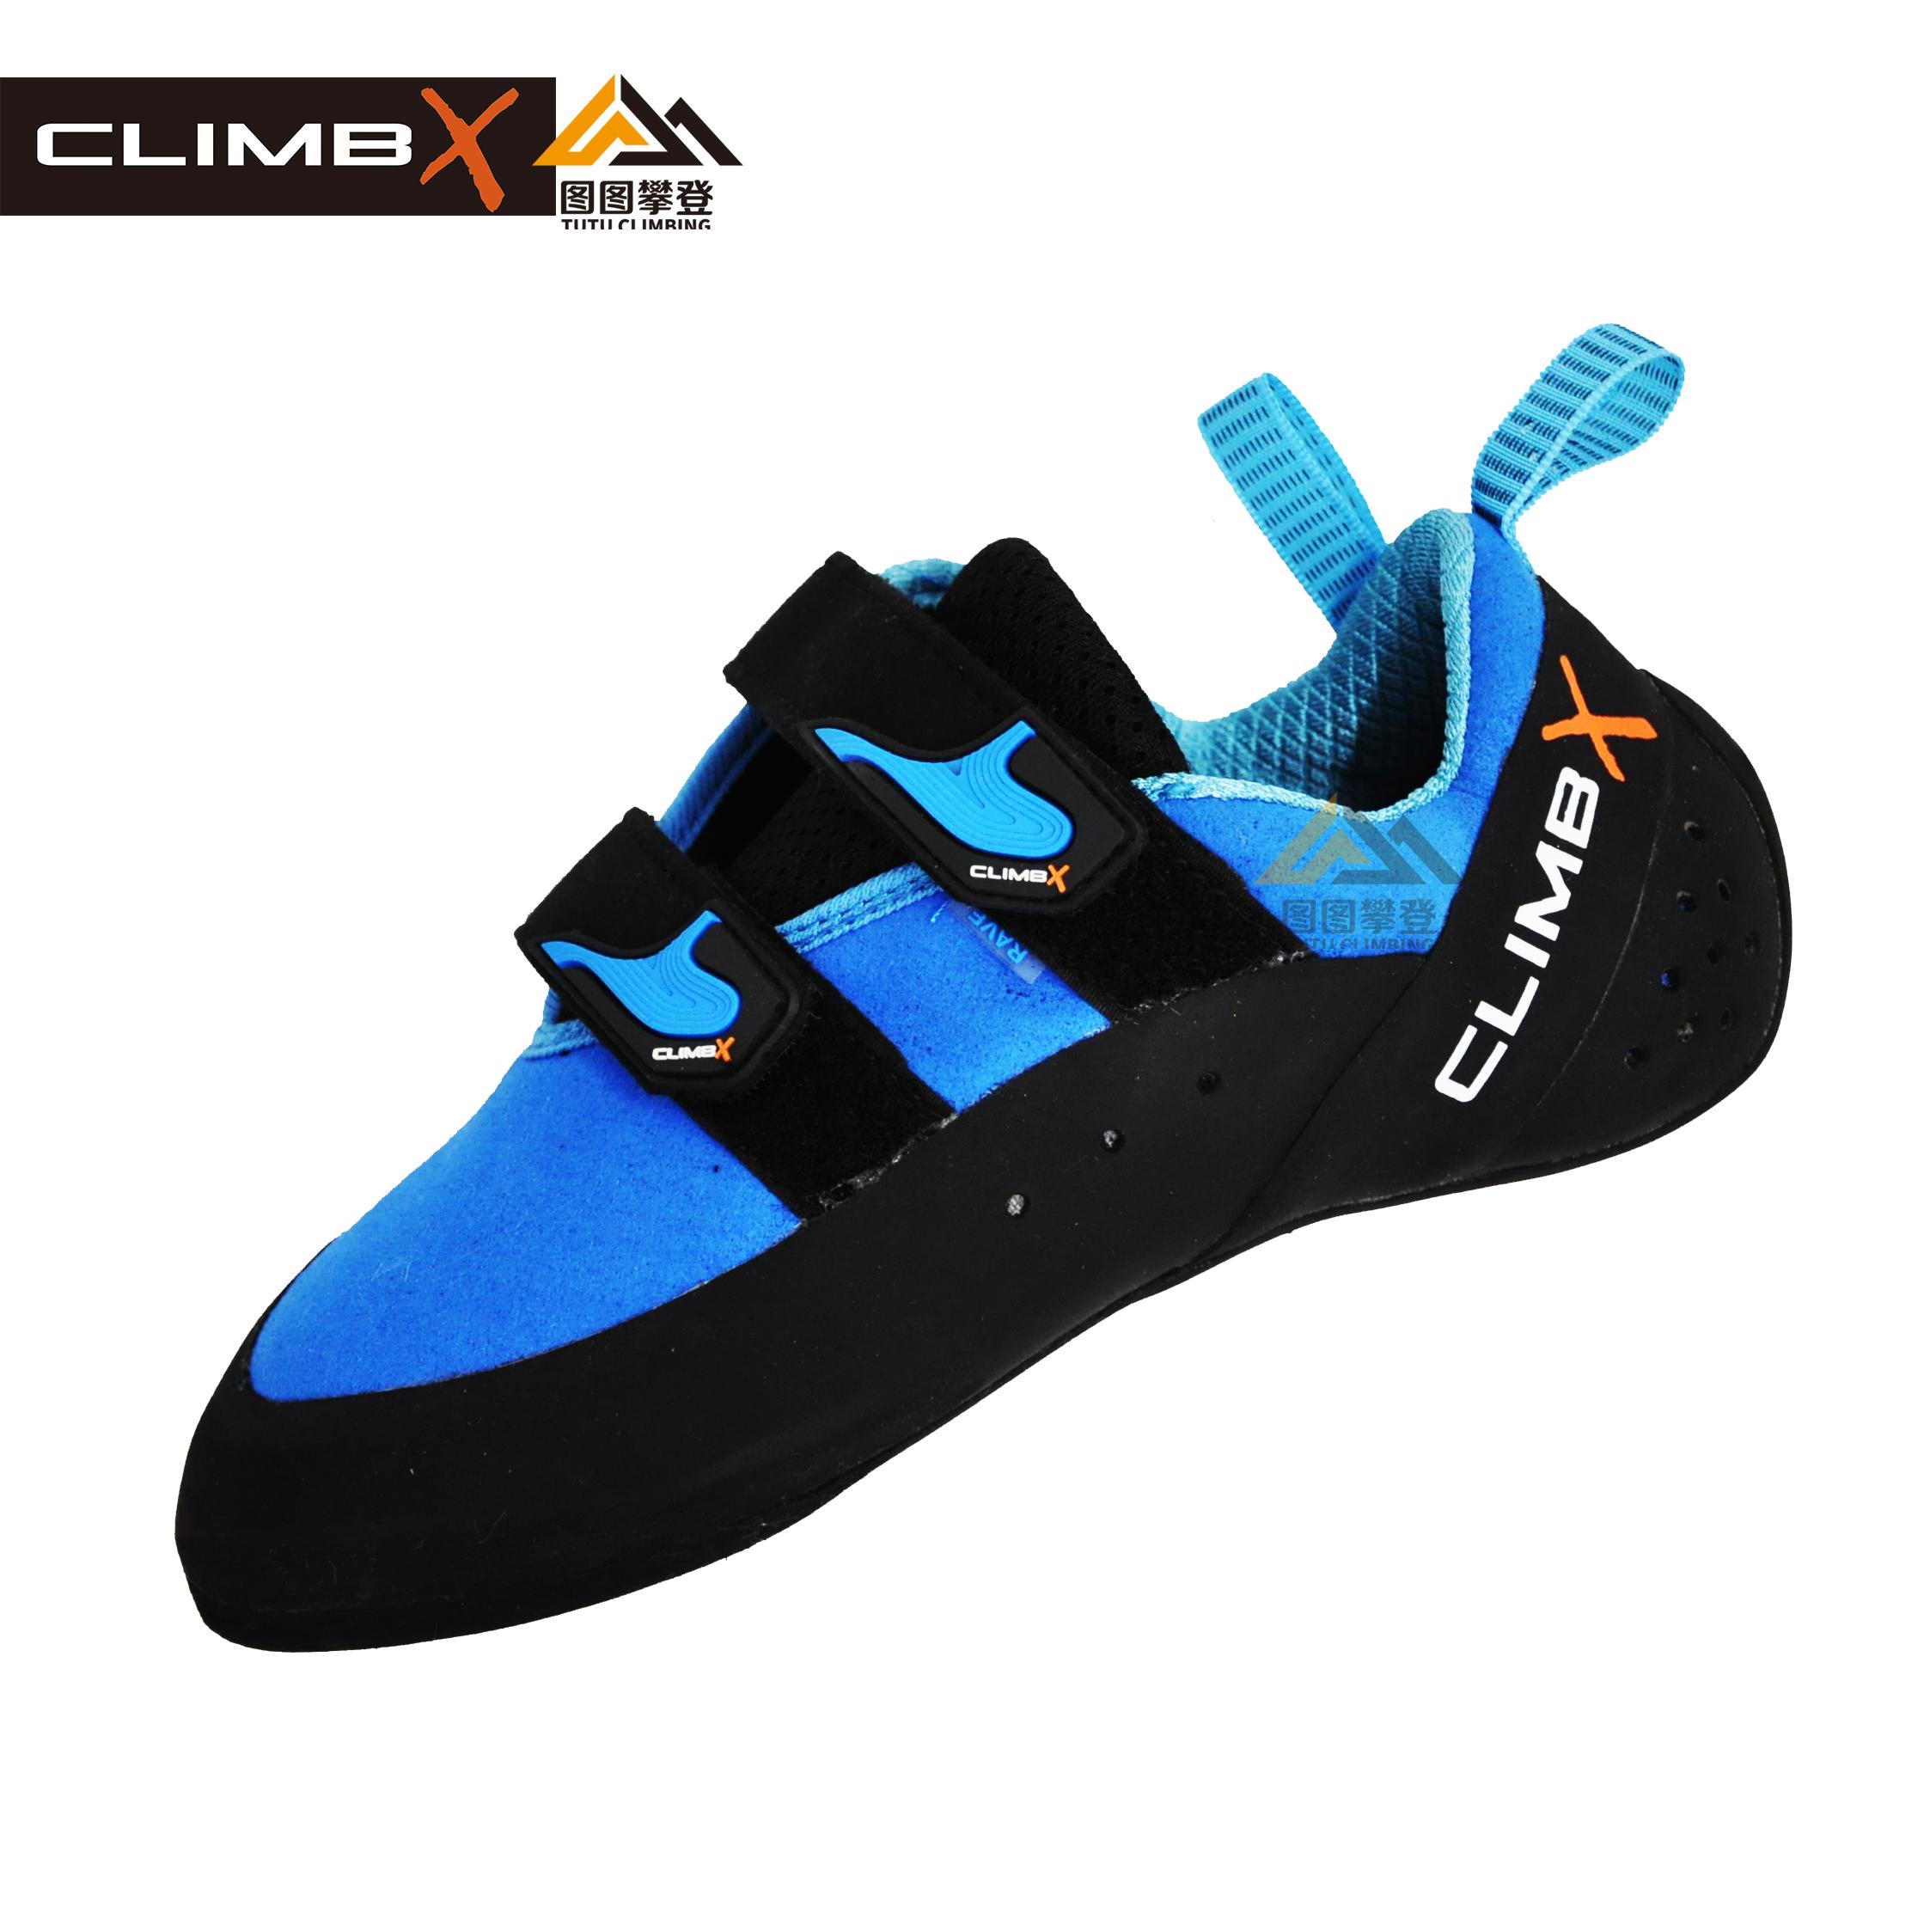 Бесплатная доставка подлинный climbx ravestrap склеивание специальность подъем рок обувной держать камень обувной подъем камень обувной подходит для мужчин и женщин